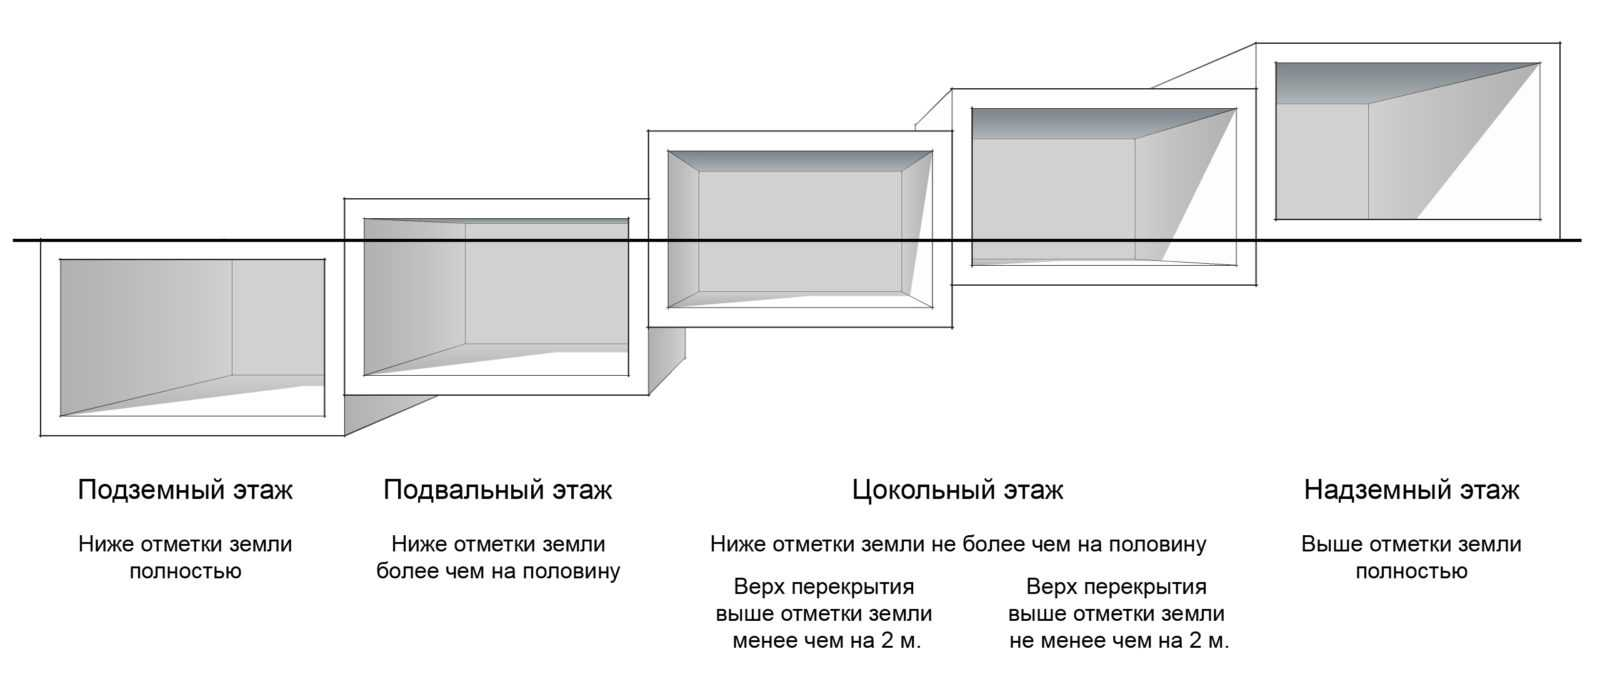 lentochnyiy-fundament-foto-video-ustroystvo-raznovidnosti-primenenie-3